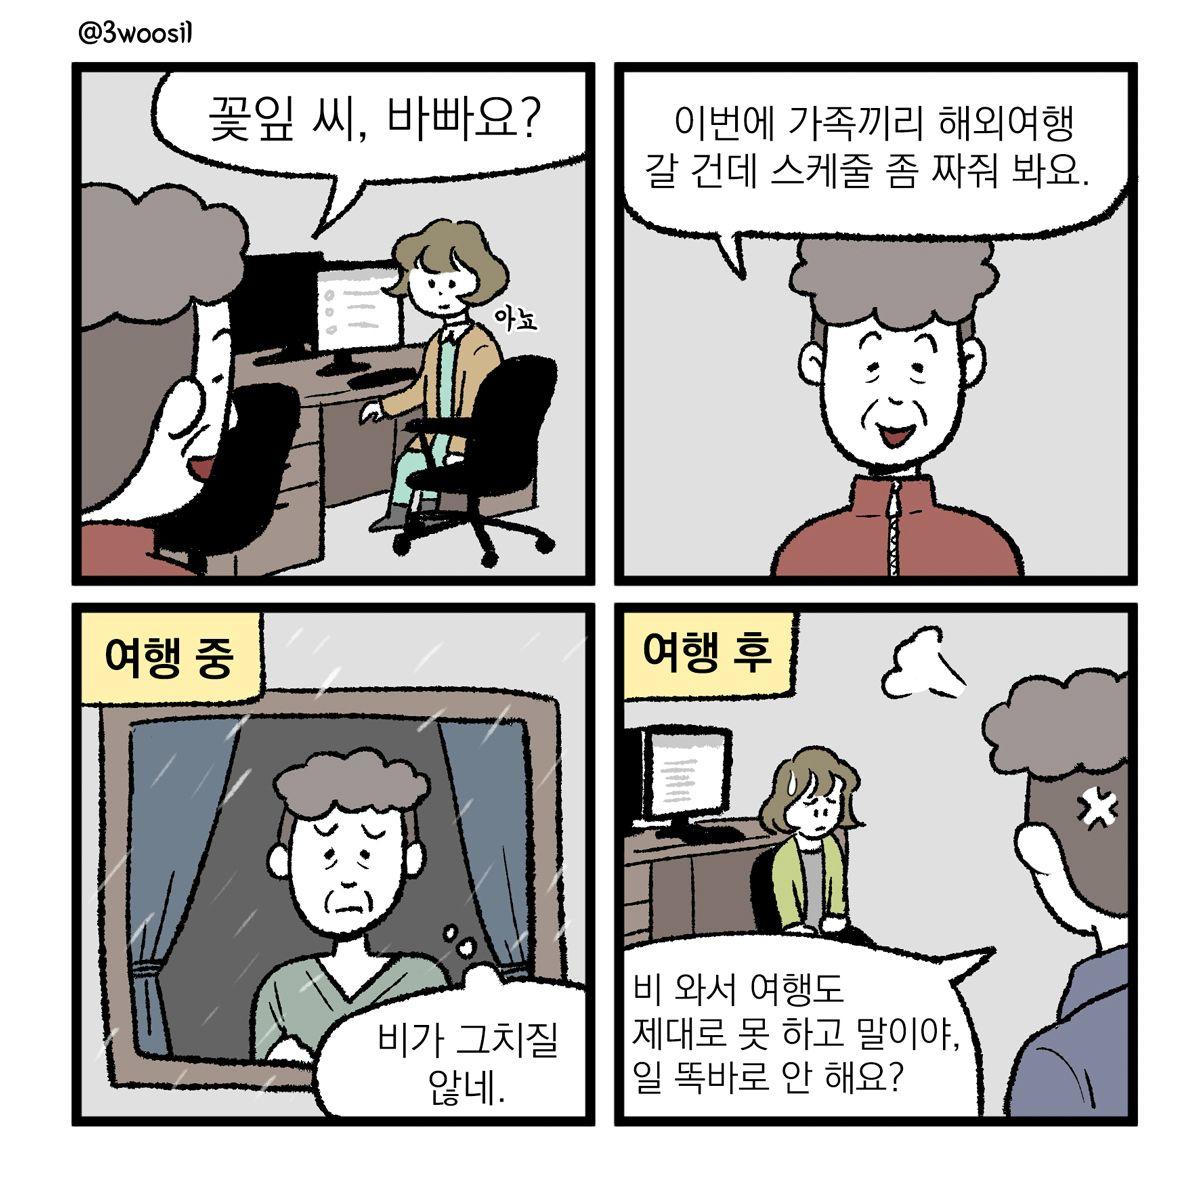 [직장만화] 삼우실 한컷: 여행 스케줄